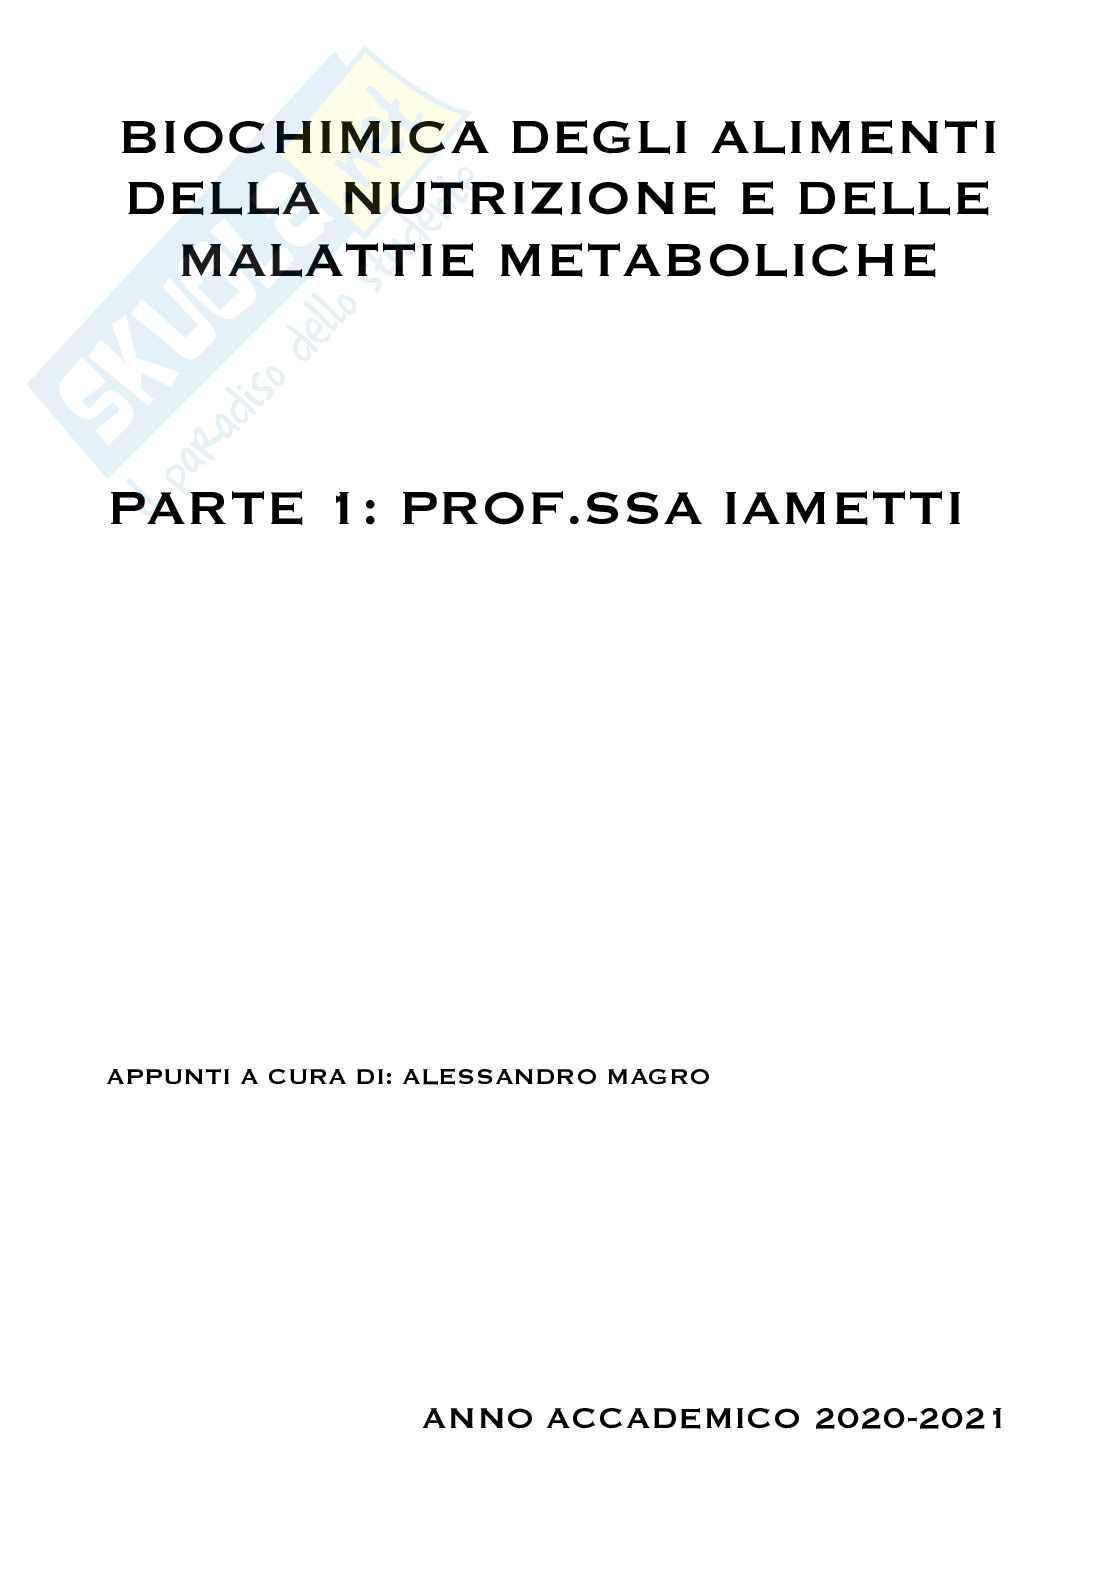 Biochimica degli alimenti della nutrizione e delle malattie metaboliche. Modulo prof.ssa Iametti